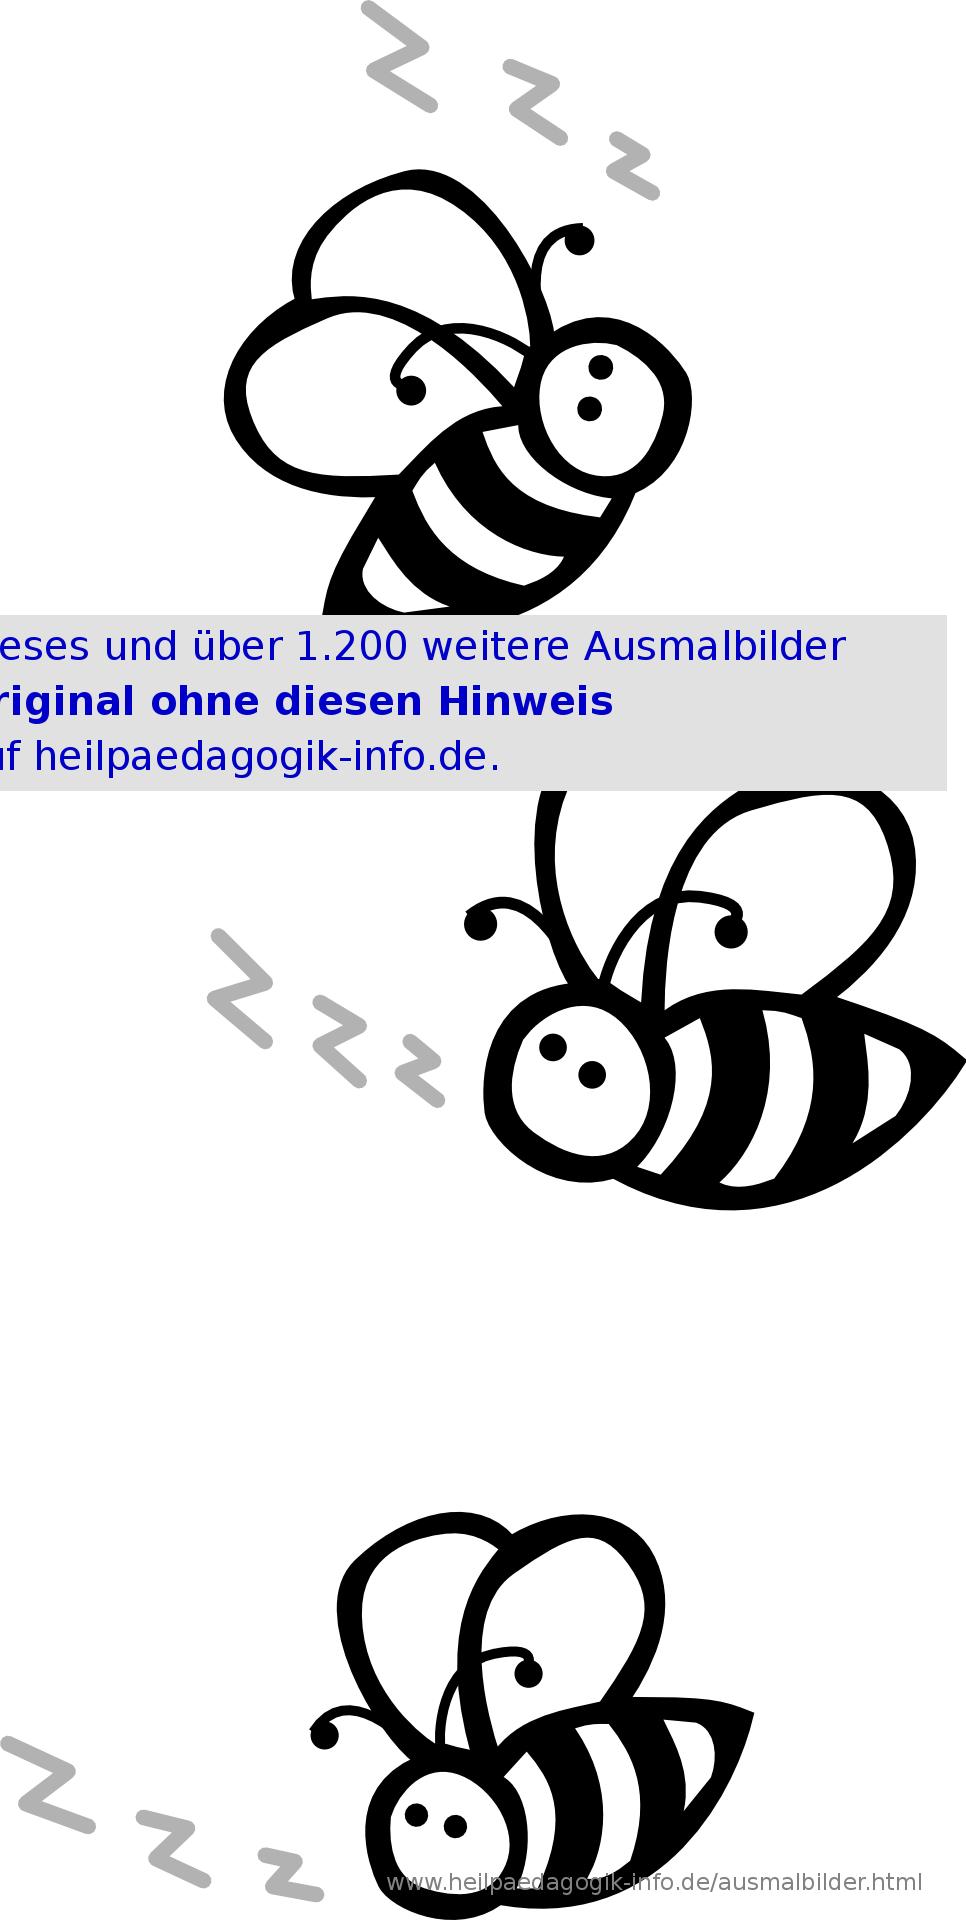 Ausmalbilder Käfer, Schmetterlinge, Insekten mit Biene Zum Ausmalen